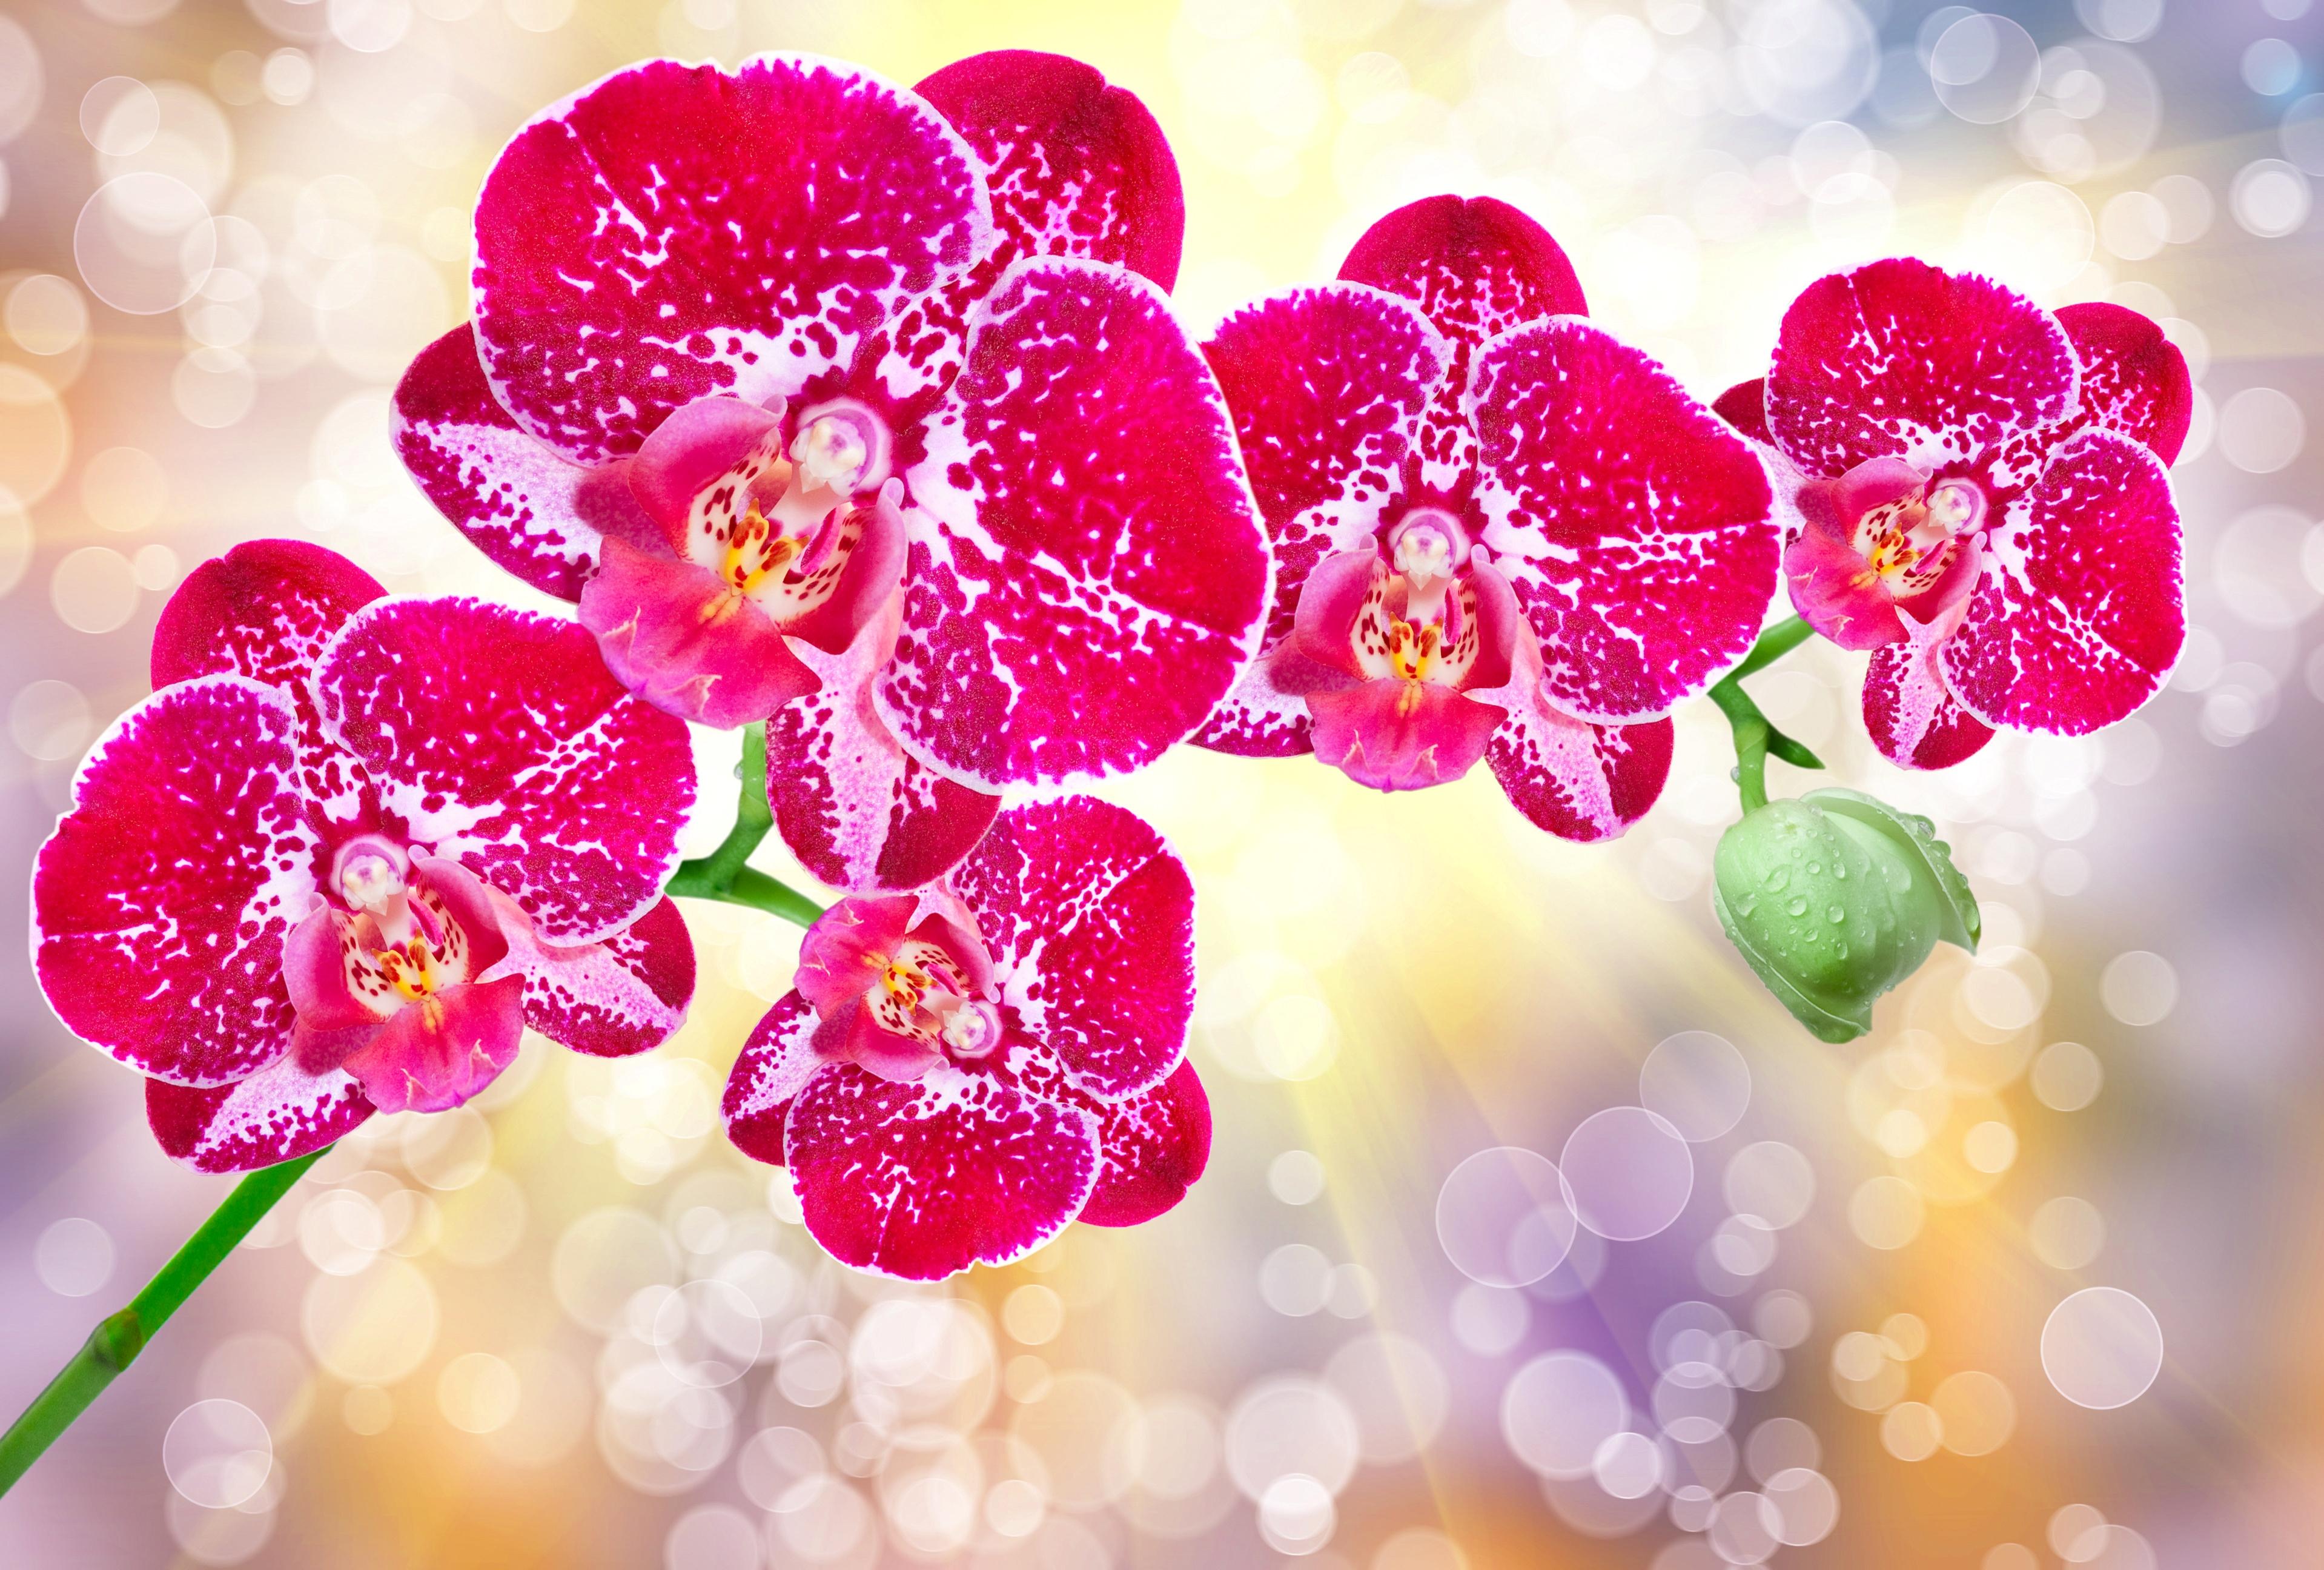 обязательно оцените фото цветов для печати высокого качества кто чему привык